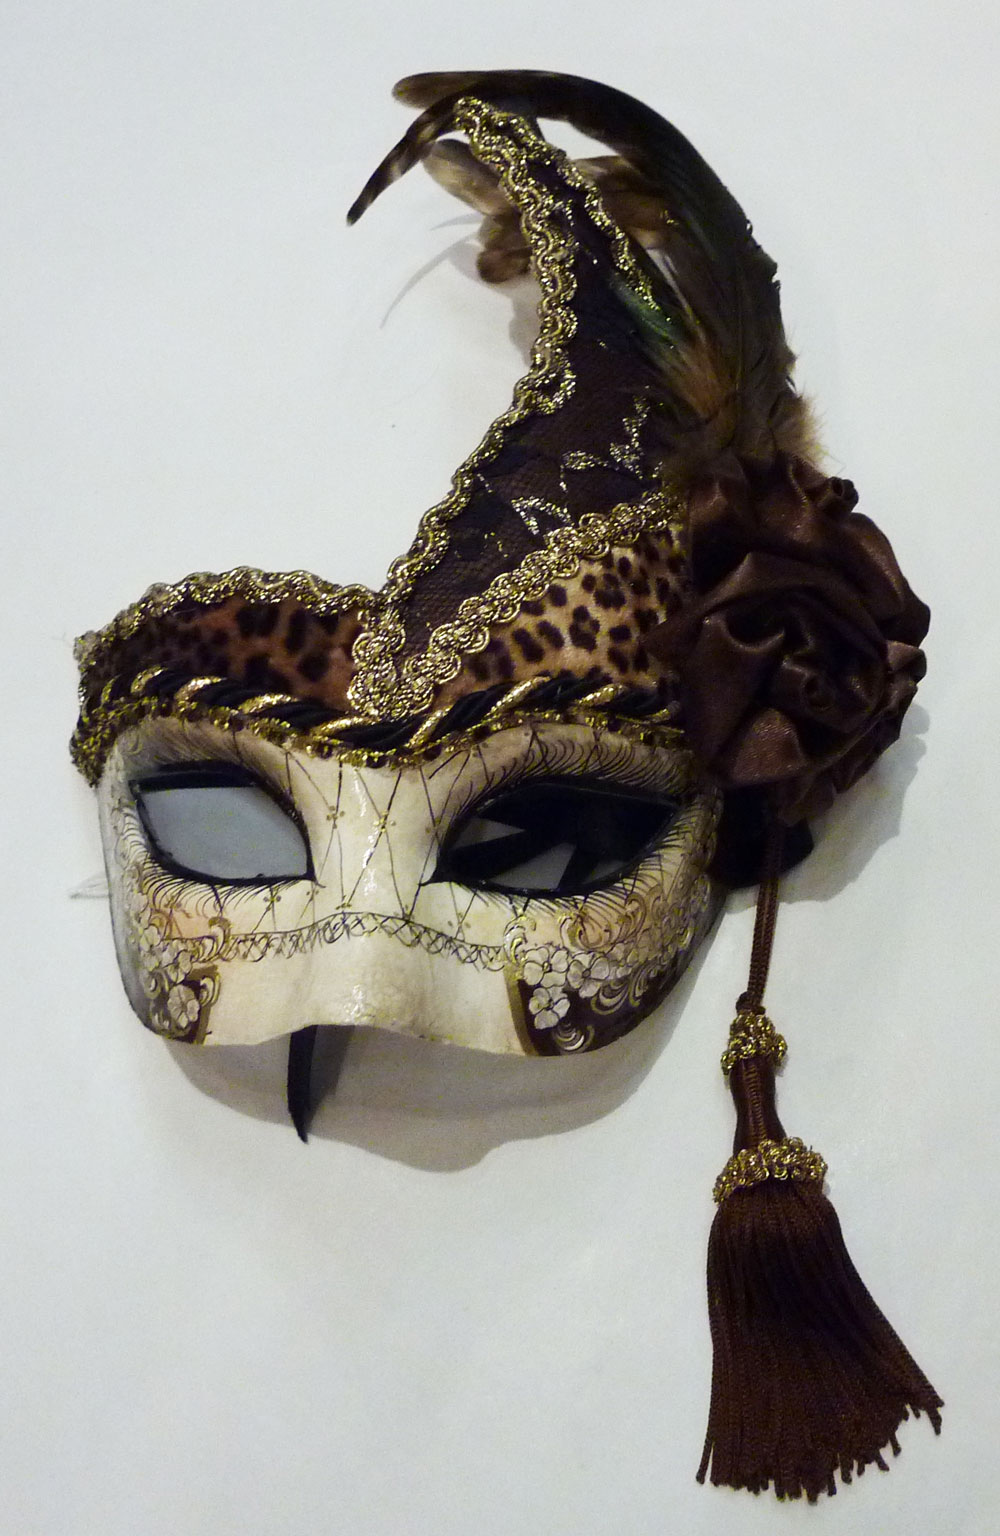 Les masques traditionnels du carnaval de venise schegge - Masque venitien decoration ...